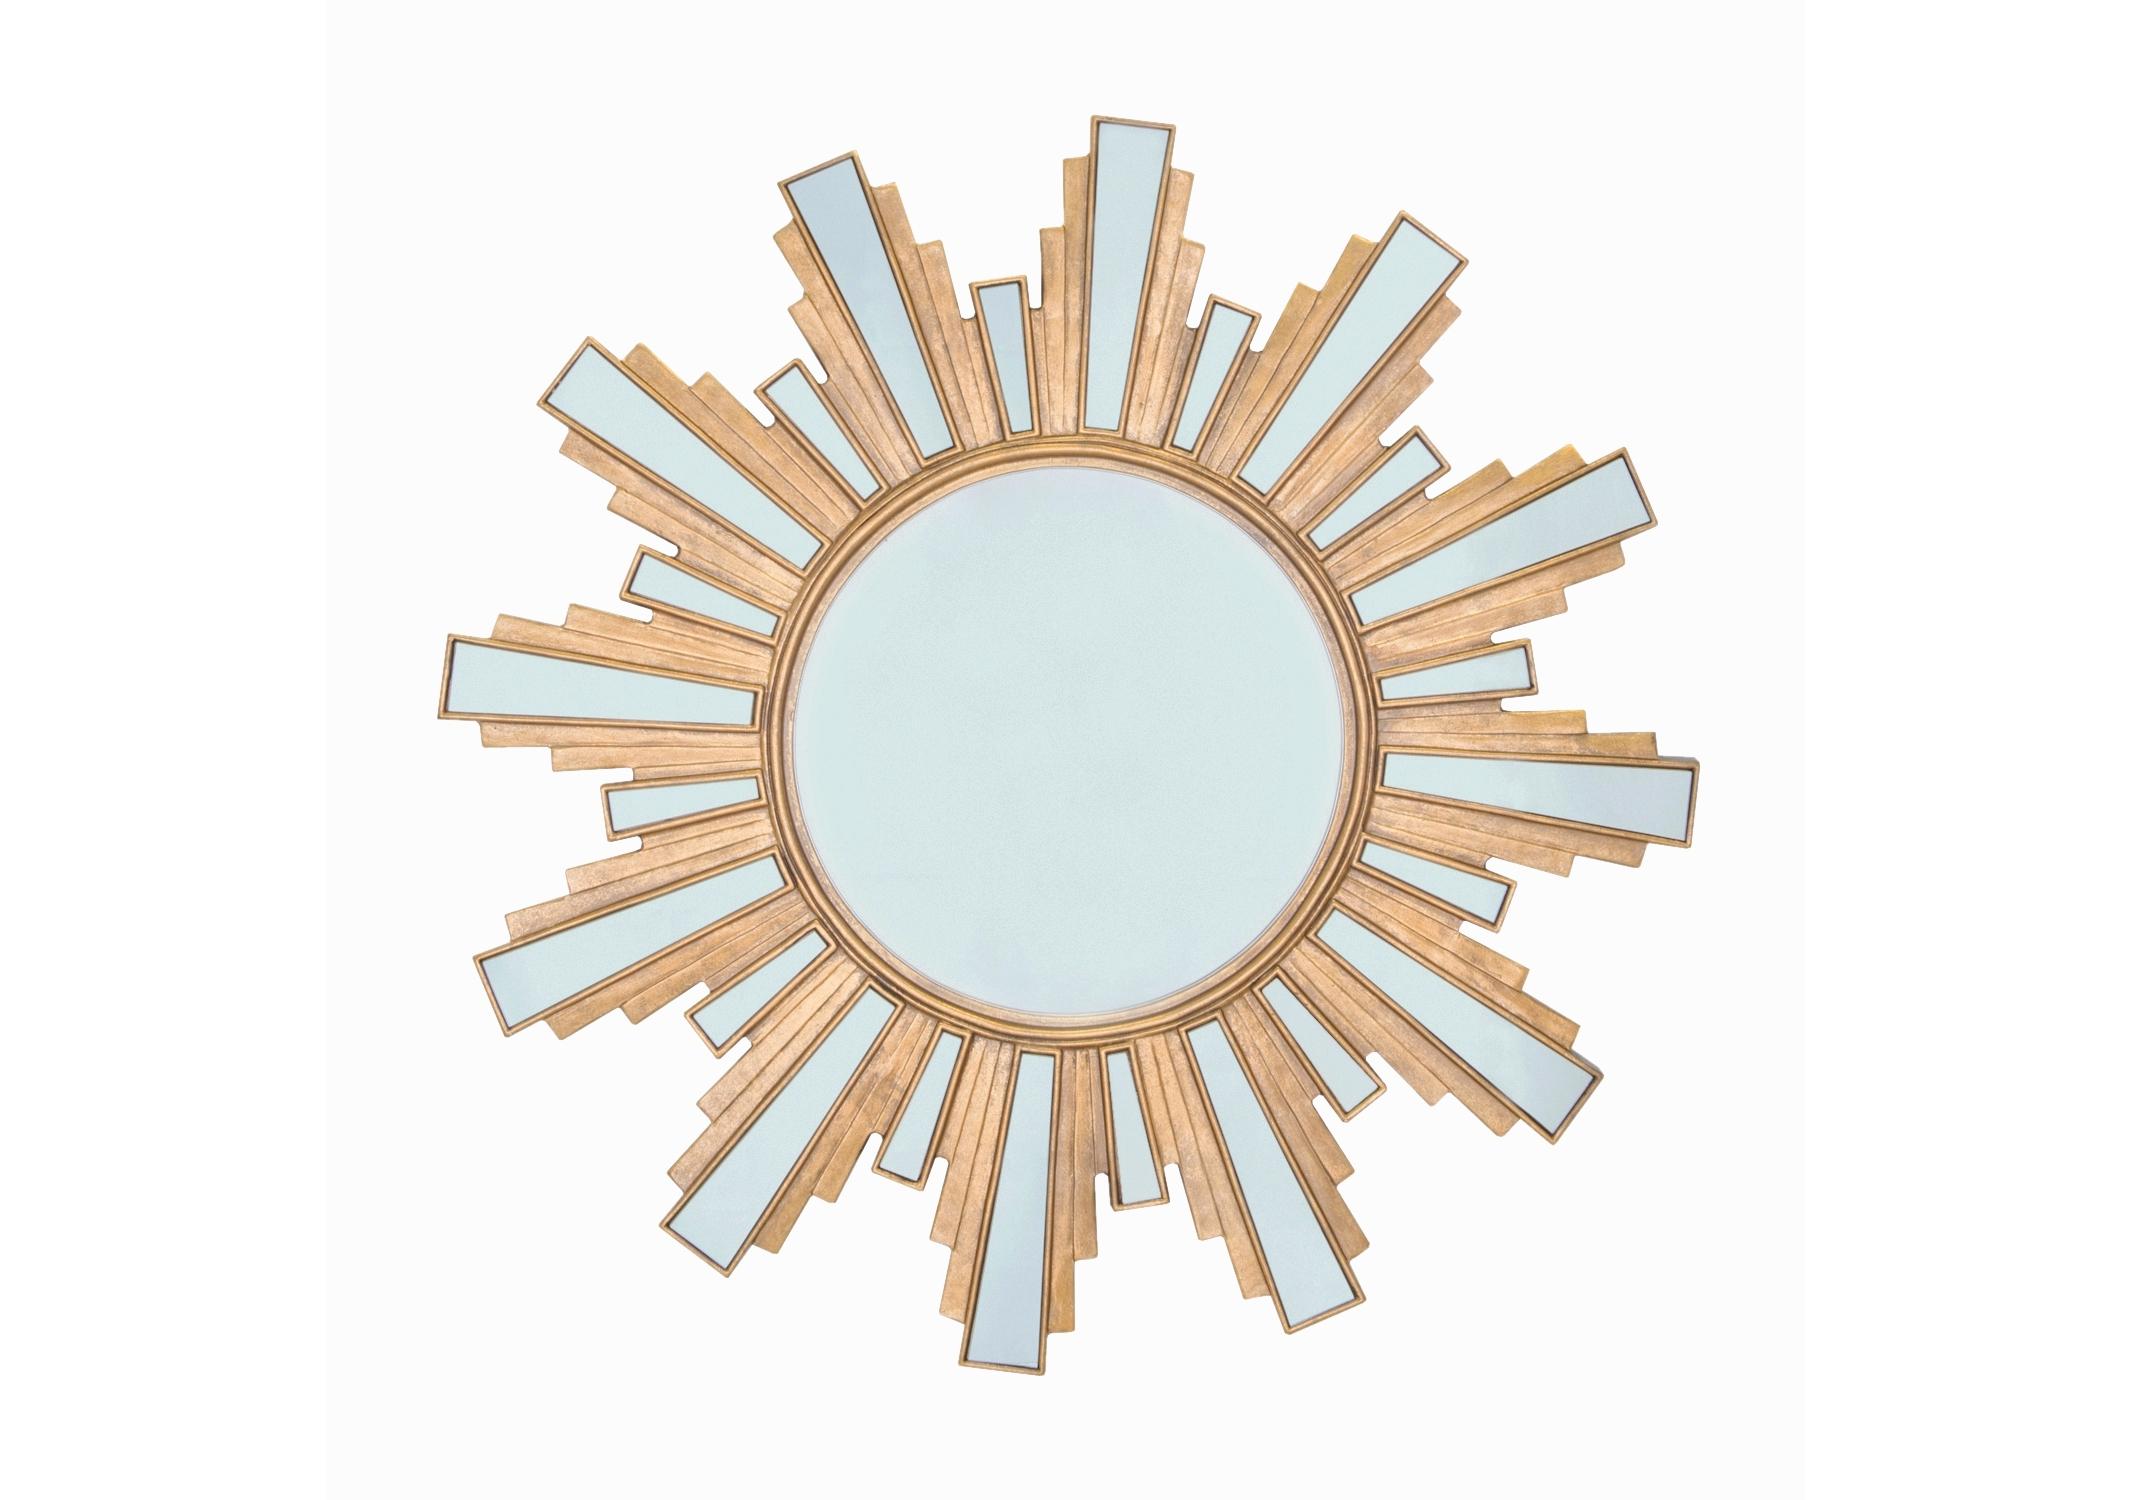 Зеркало TrinitaНастенные зеркала<br><br><br>Material: Металл<br>Depth см: 3<br>Diameter см: 87,5